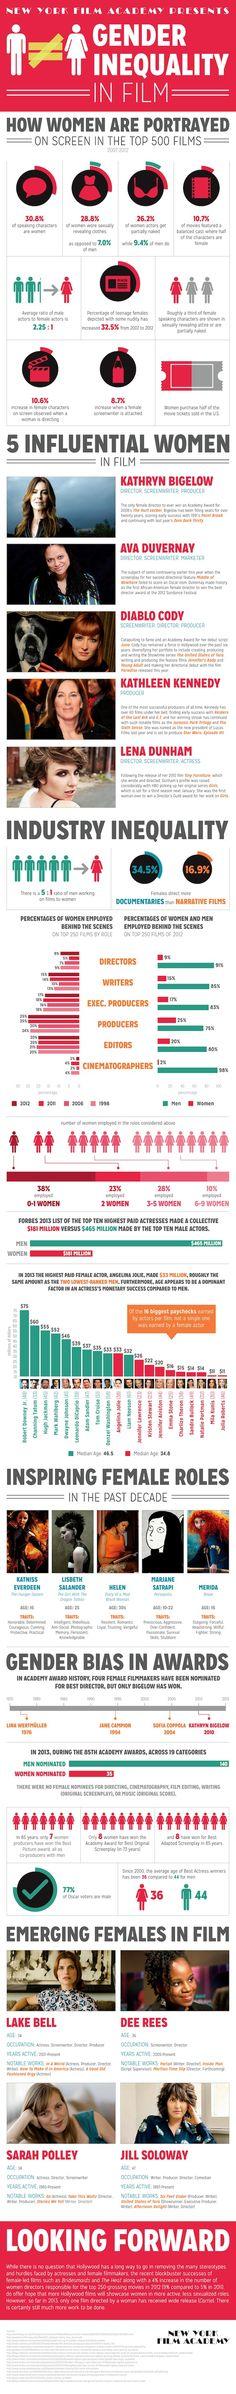 26% des femmes se dénudent dans les films (alors que c'est seulement 9% des hommes)... Une infographie révélatrices des inégalités qui subsistent au cinéma entre les hommes et les femmes.